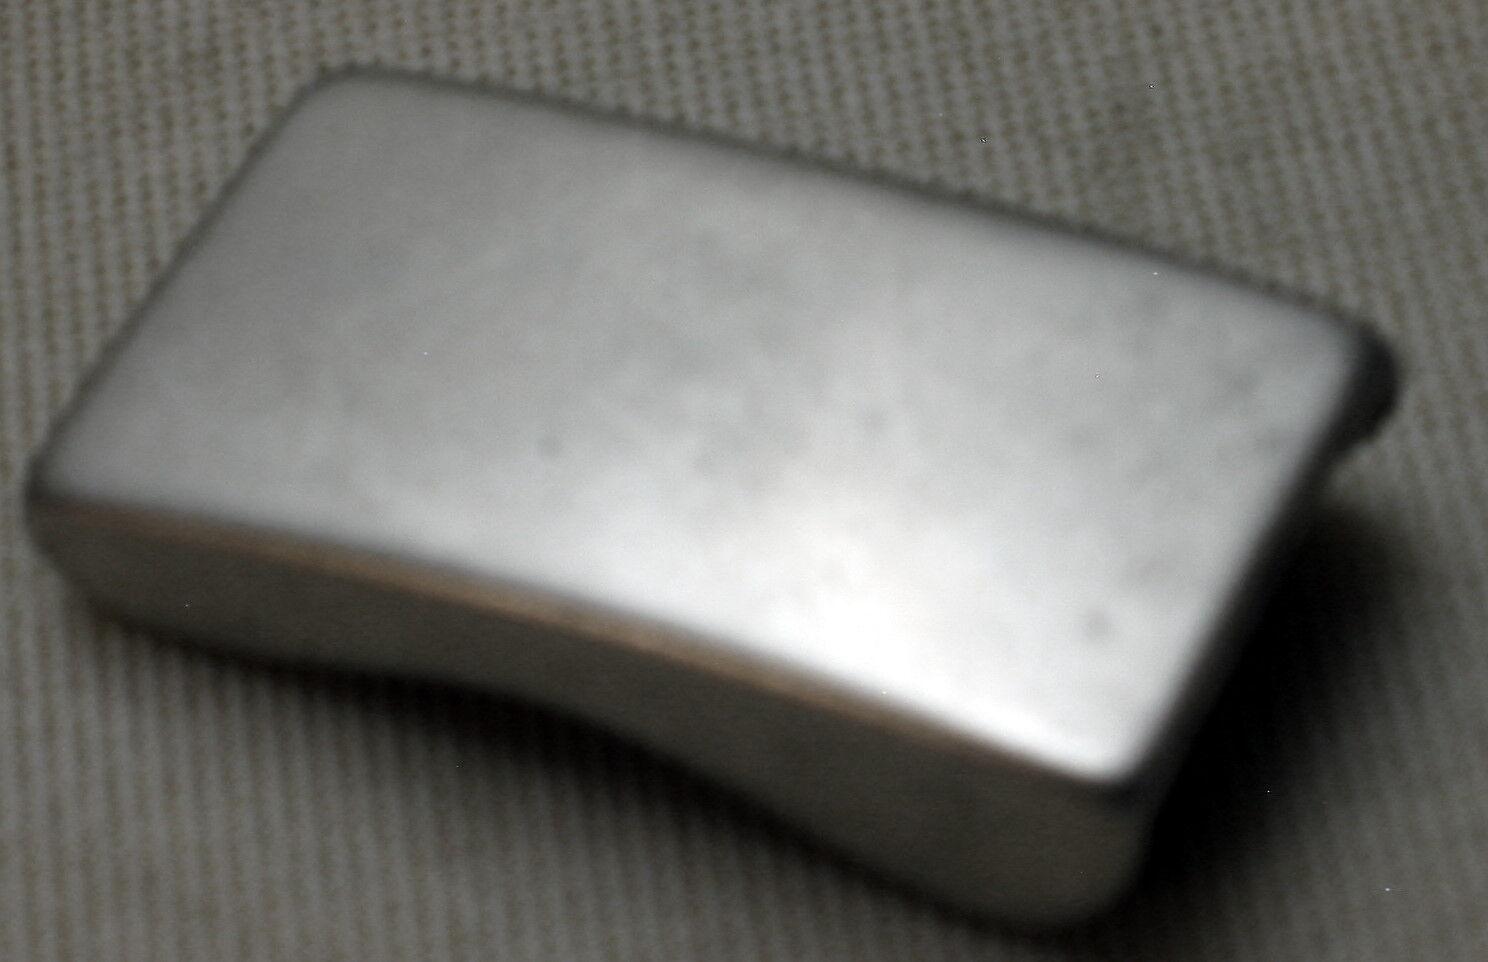 Adorno en la cintura para 20mm ancho cinturón de metal color plata elegante top chic nuevo #